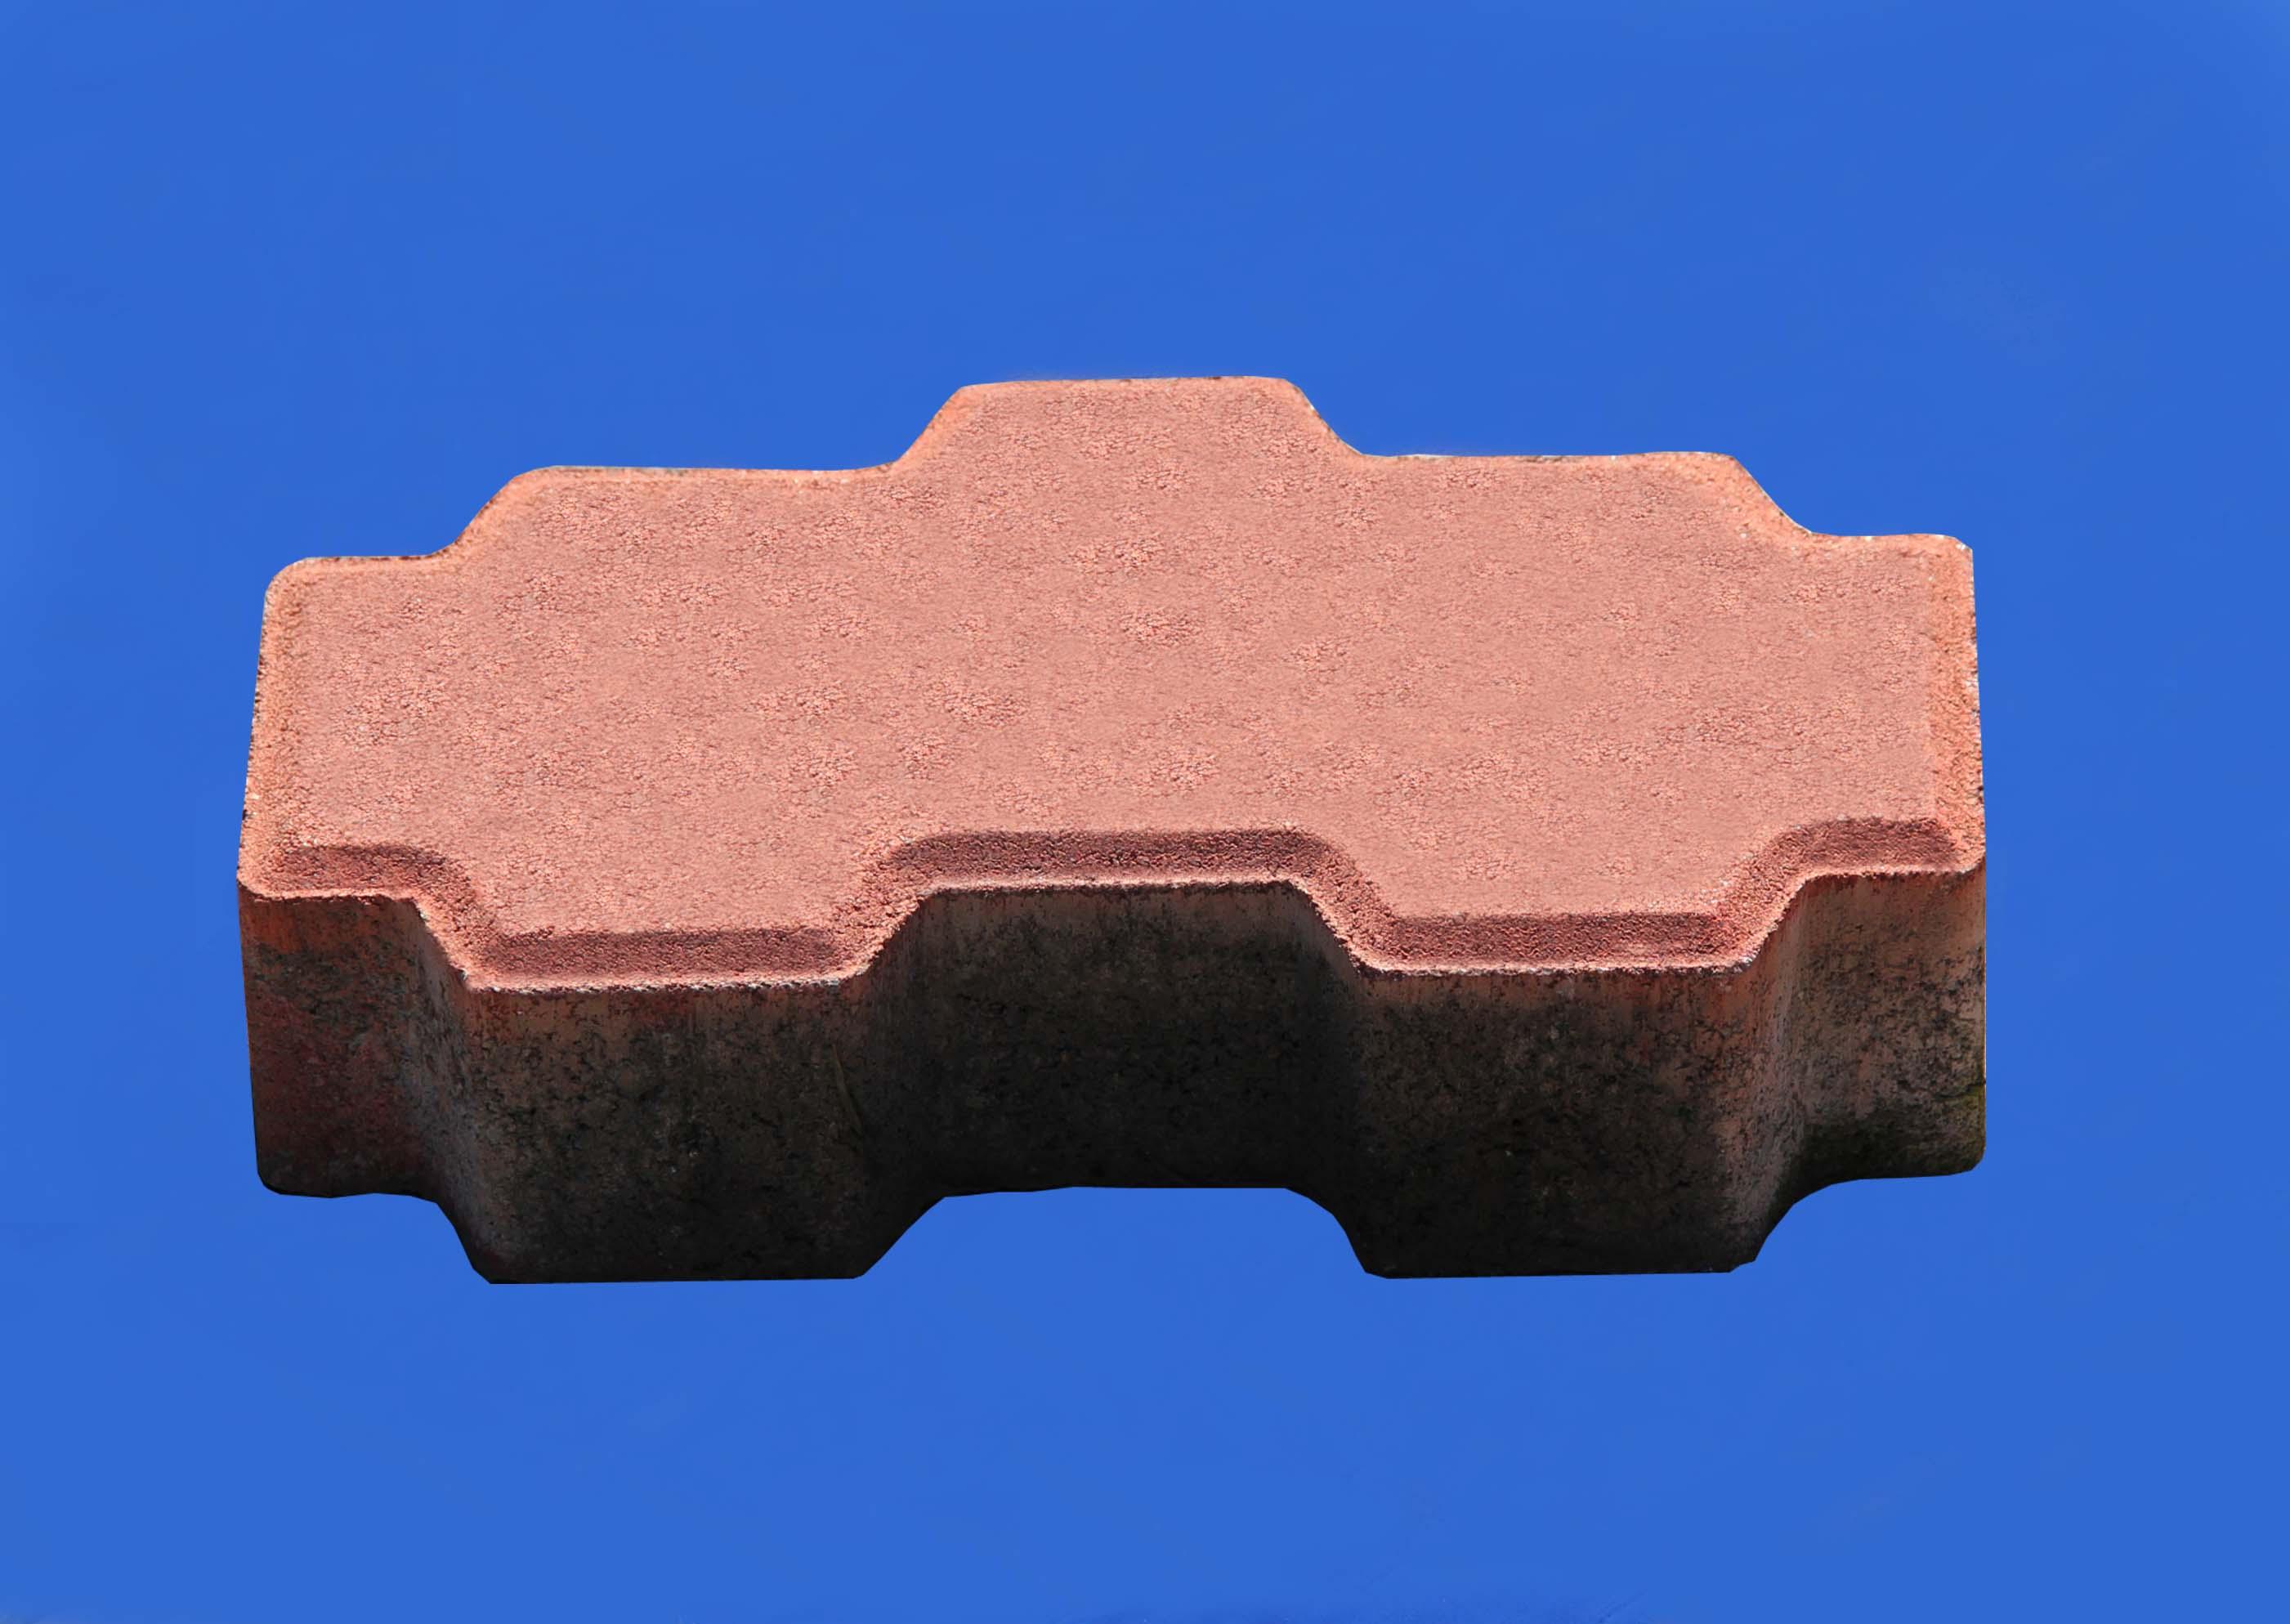 彩色路面磚系之列紅色互鎖磚